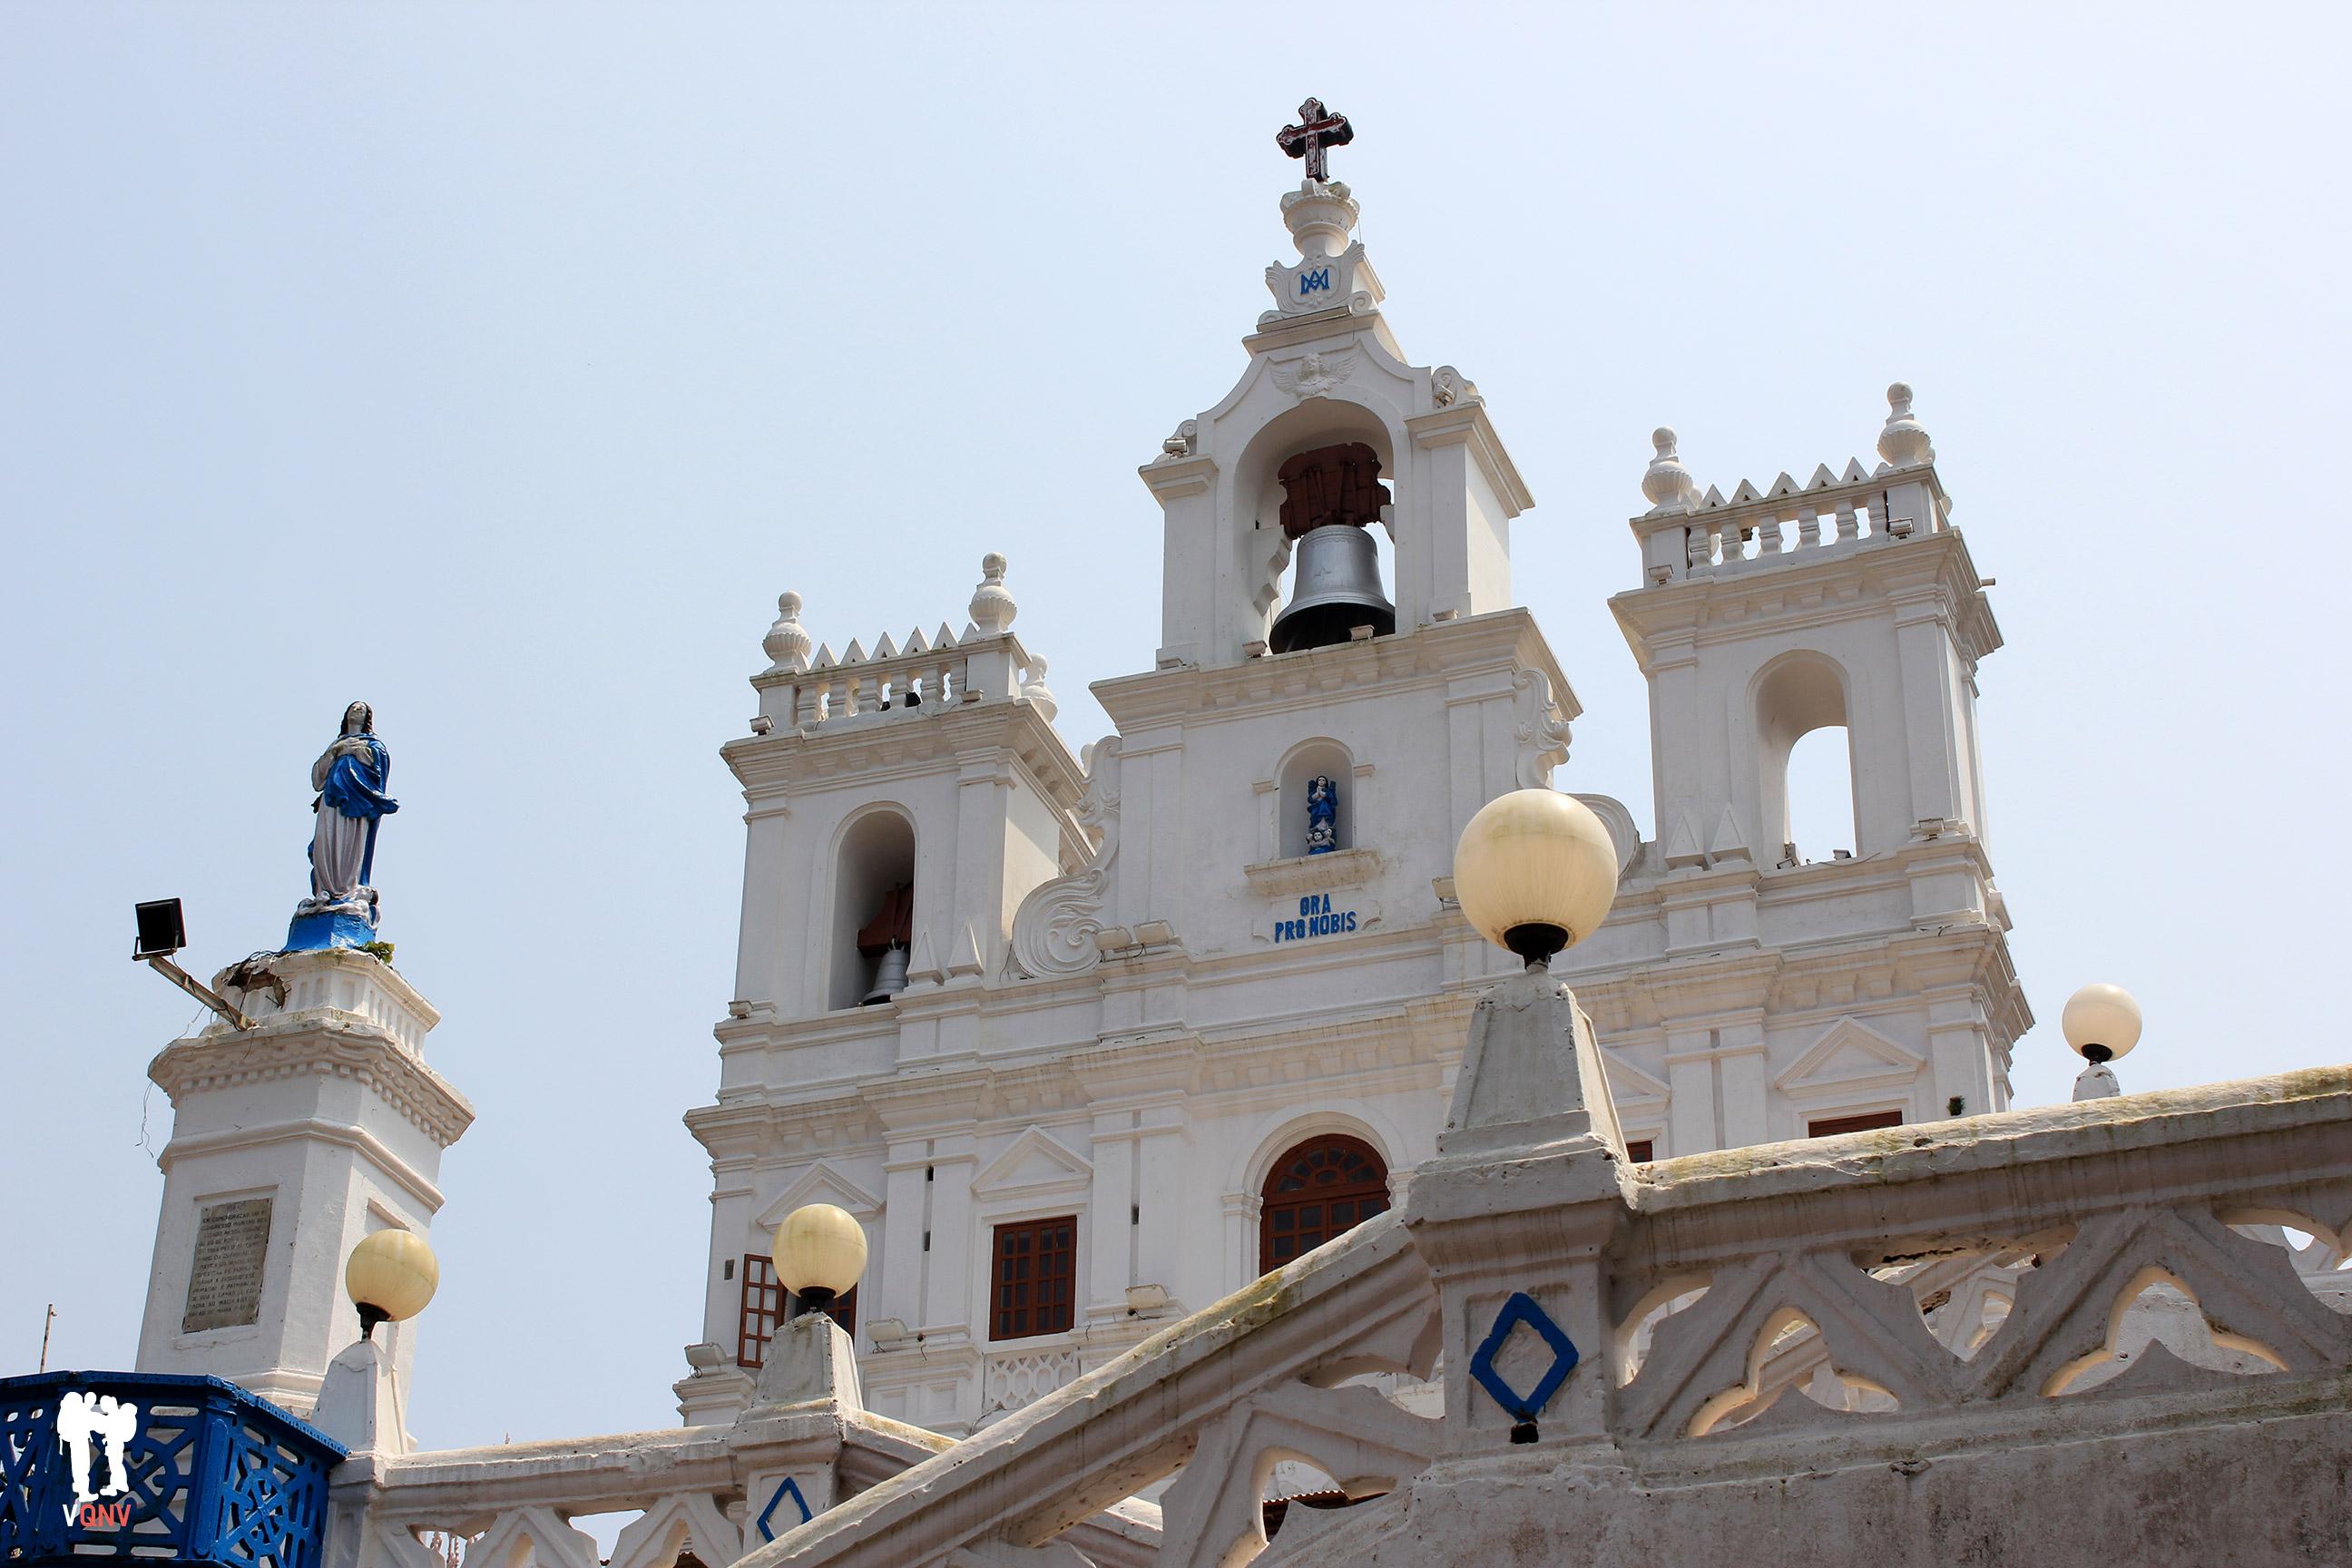 Iglesia de Nuestra Señora de la Inmaculada Concepción en Panaji